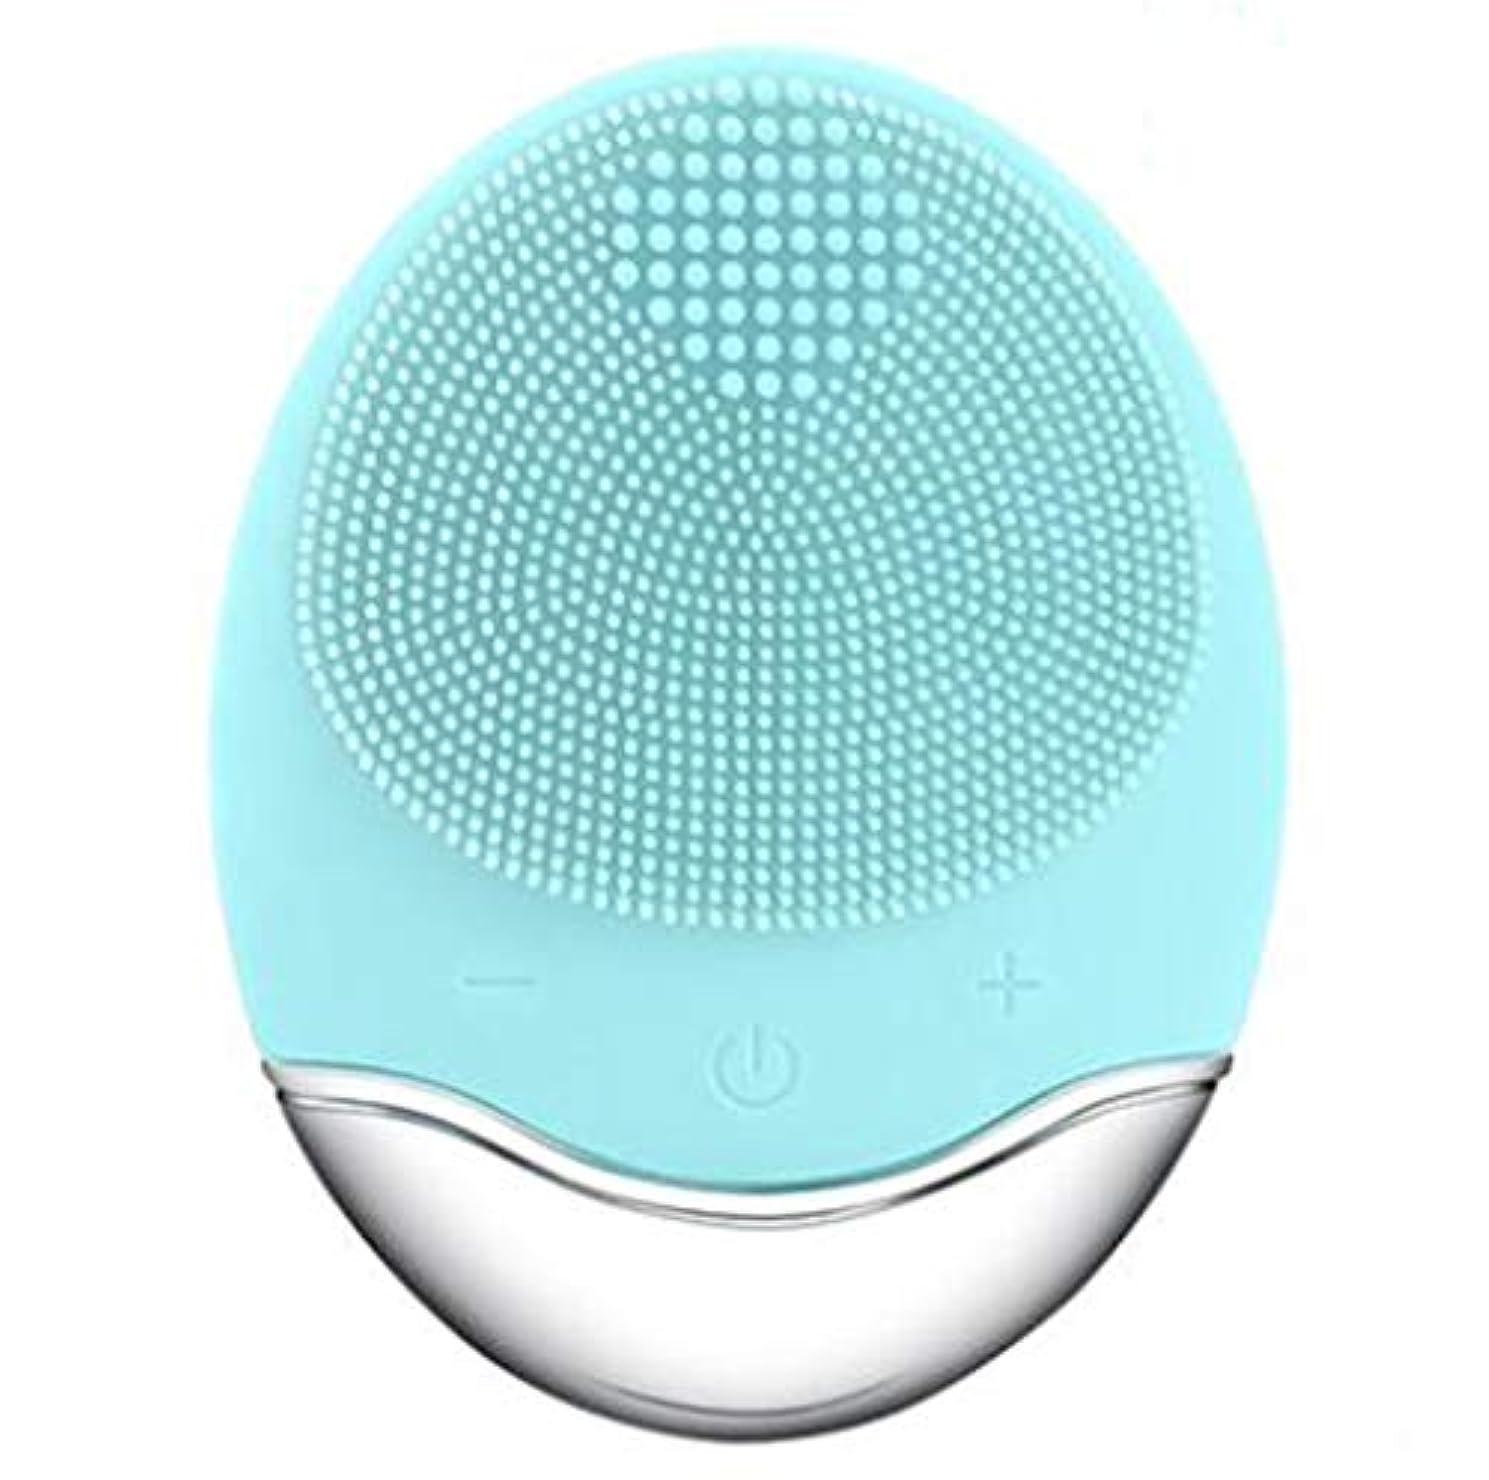 解釈したい無心シリコーン電気クレンジング器具、洗顔毛穴クリーナーマッサージフェイス、イントロデューサー + クレンジング器具 (1 つ2個),Green